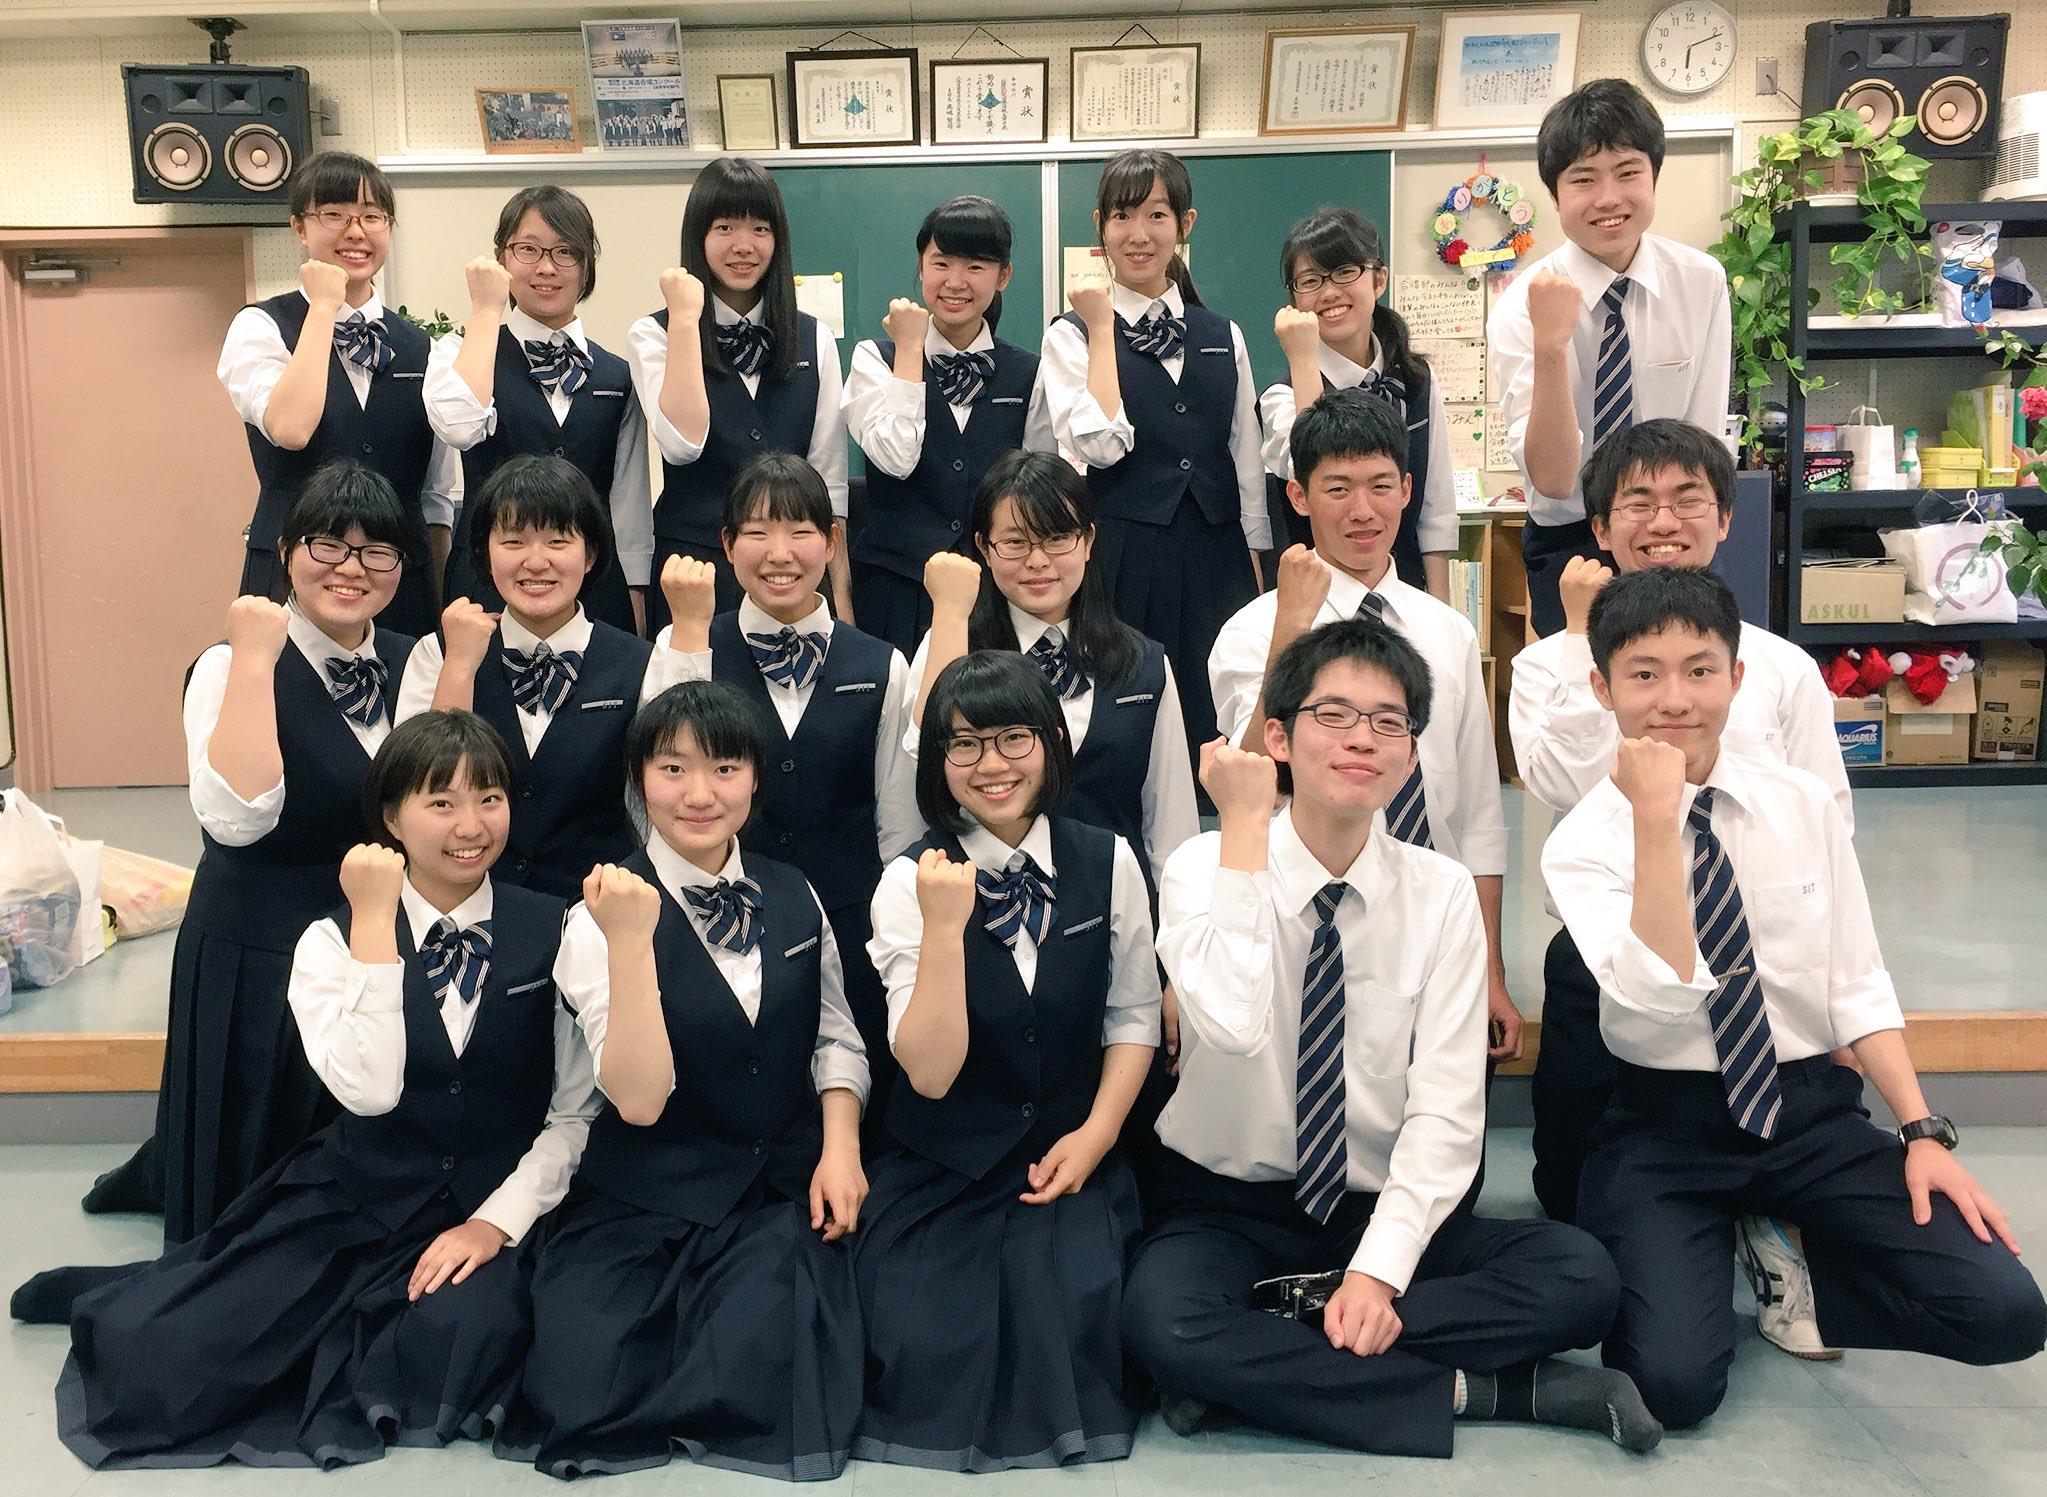 国際 情報 高校 きみの可能性が広がる 総合学科 滋賀県立国際情報高等学校